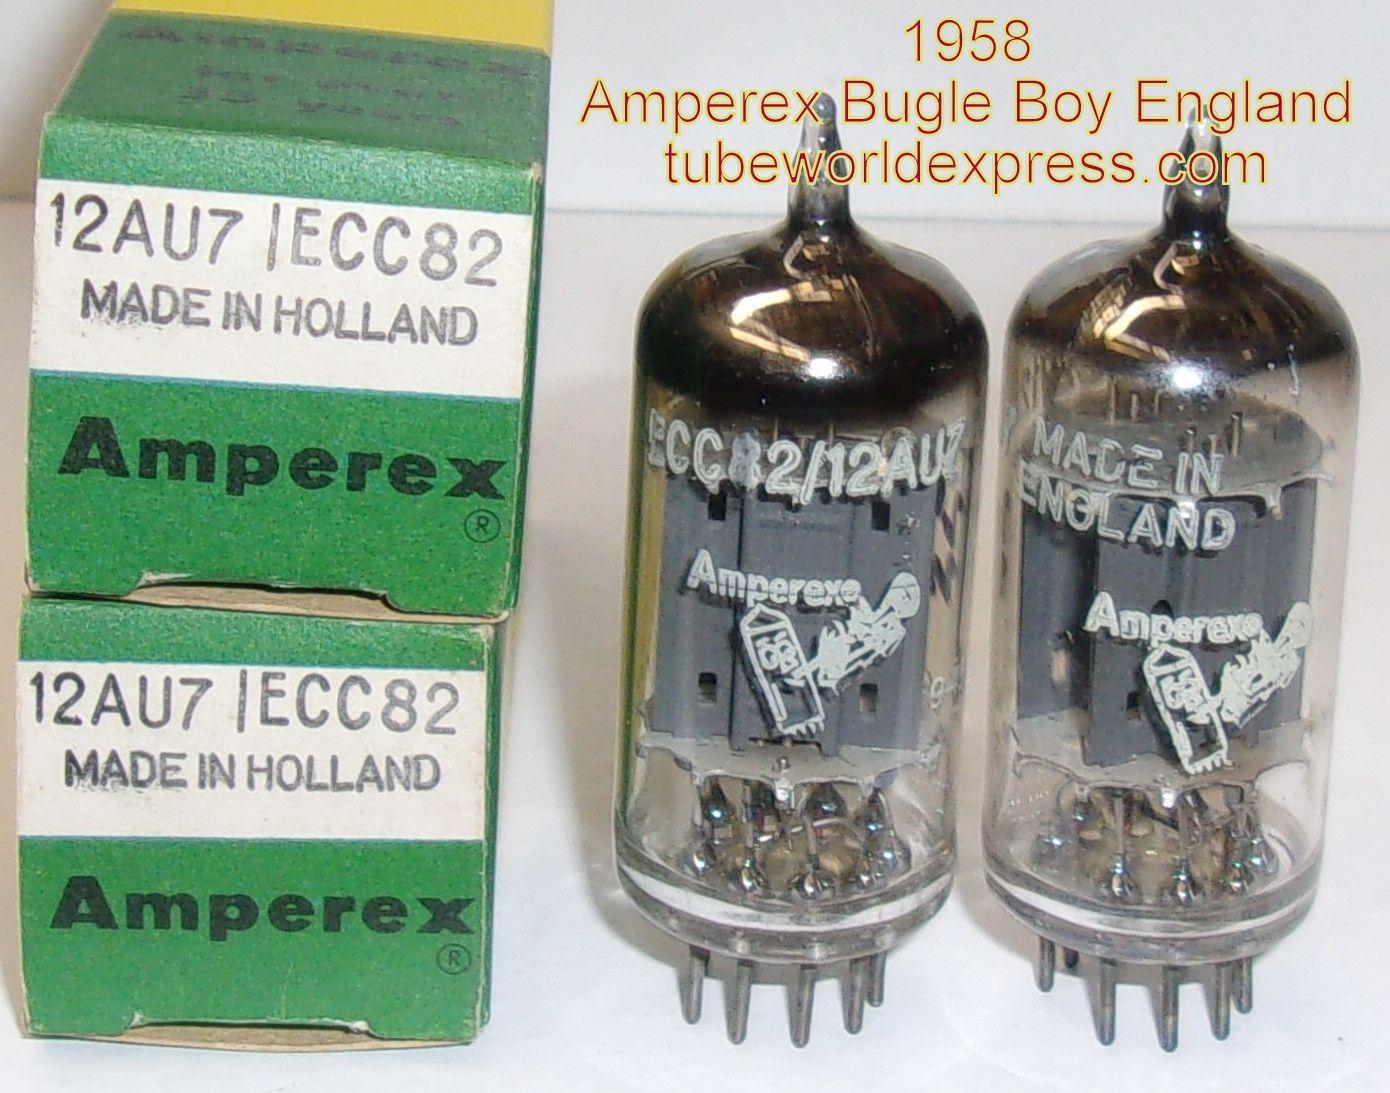 1 12au7 Bugle Boy Pair 12au7 Amperex Bugle Boy England Long Vacuum Tube Tube England